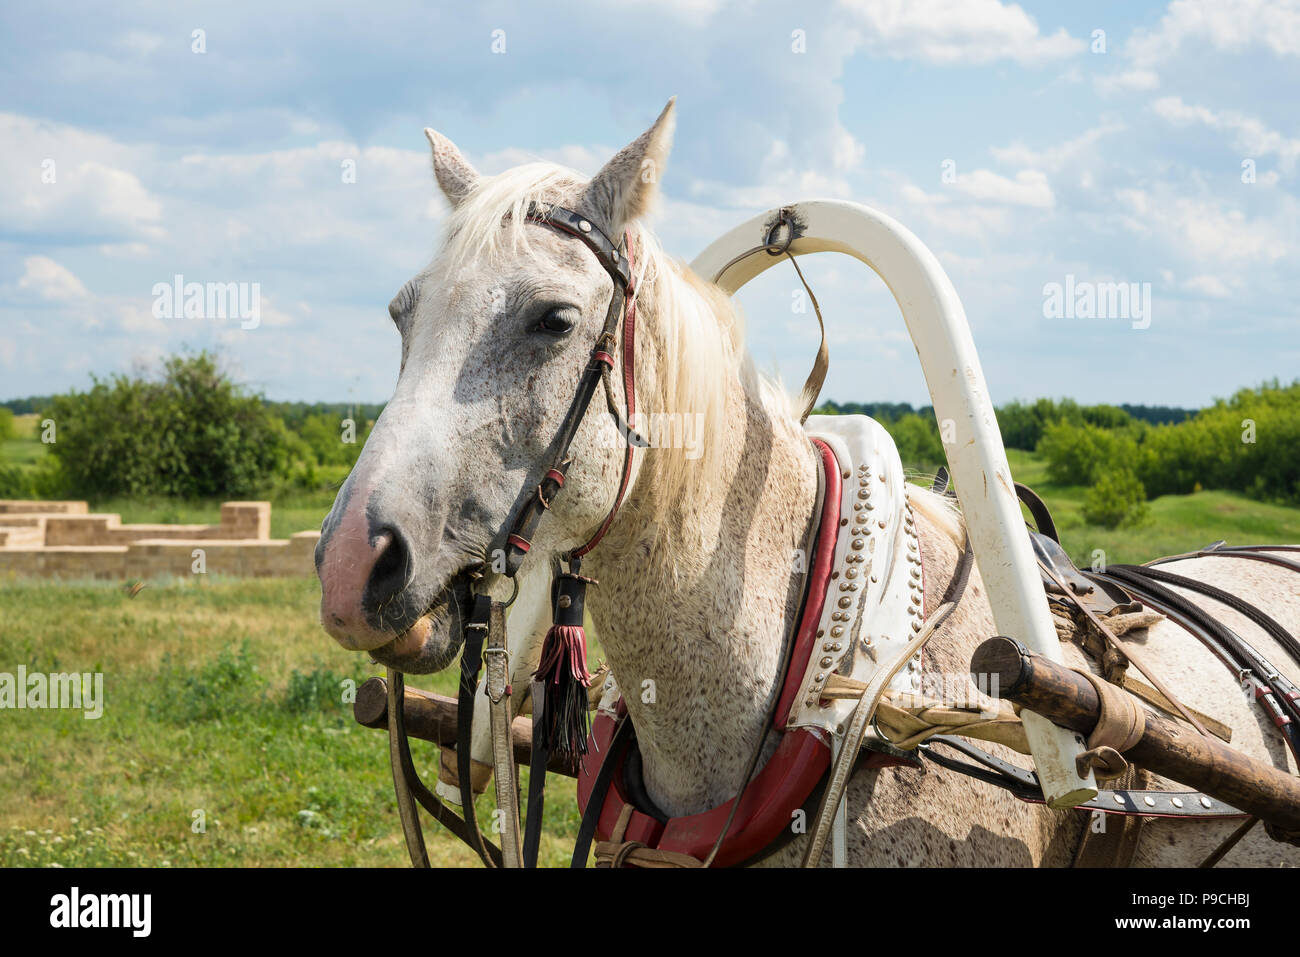 White horse close-up - Stock Image